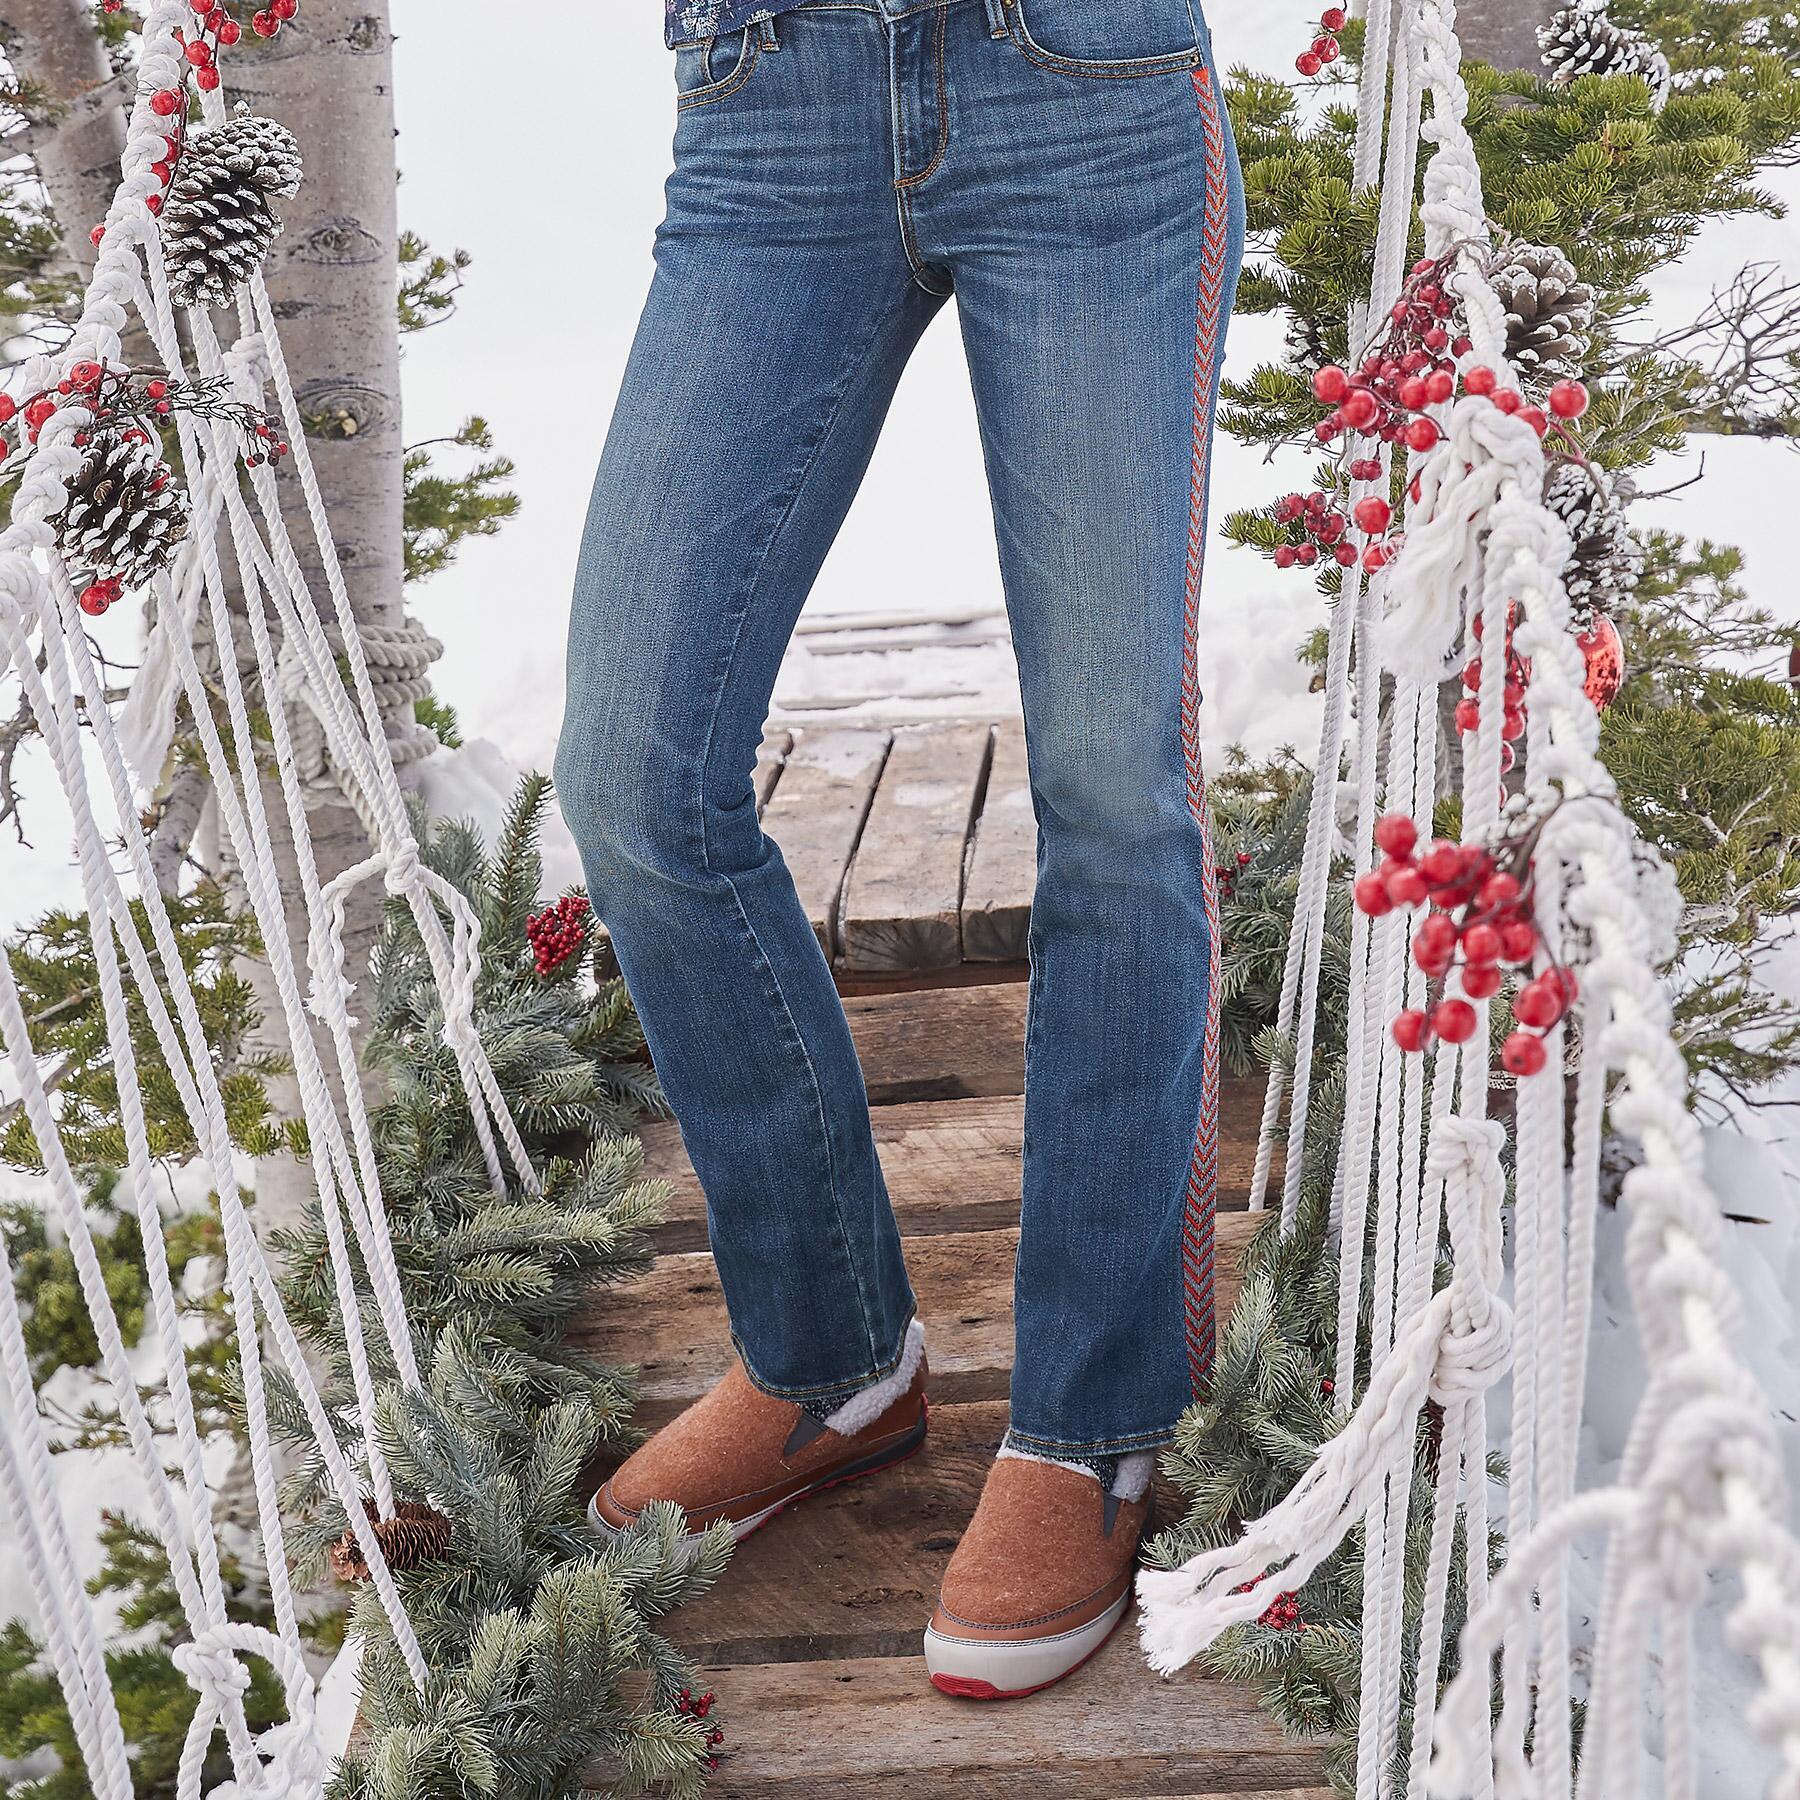 MACKENZIE SNOW SLIP-ONS: View 2